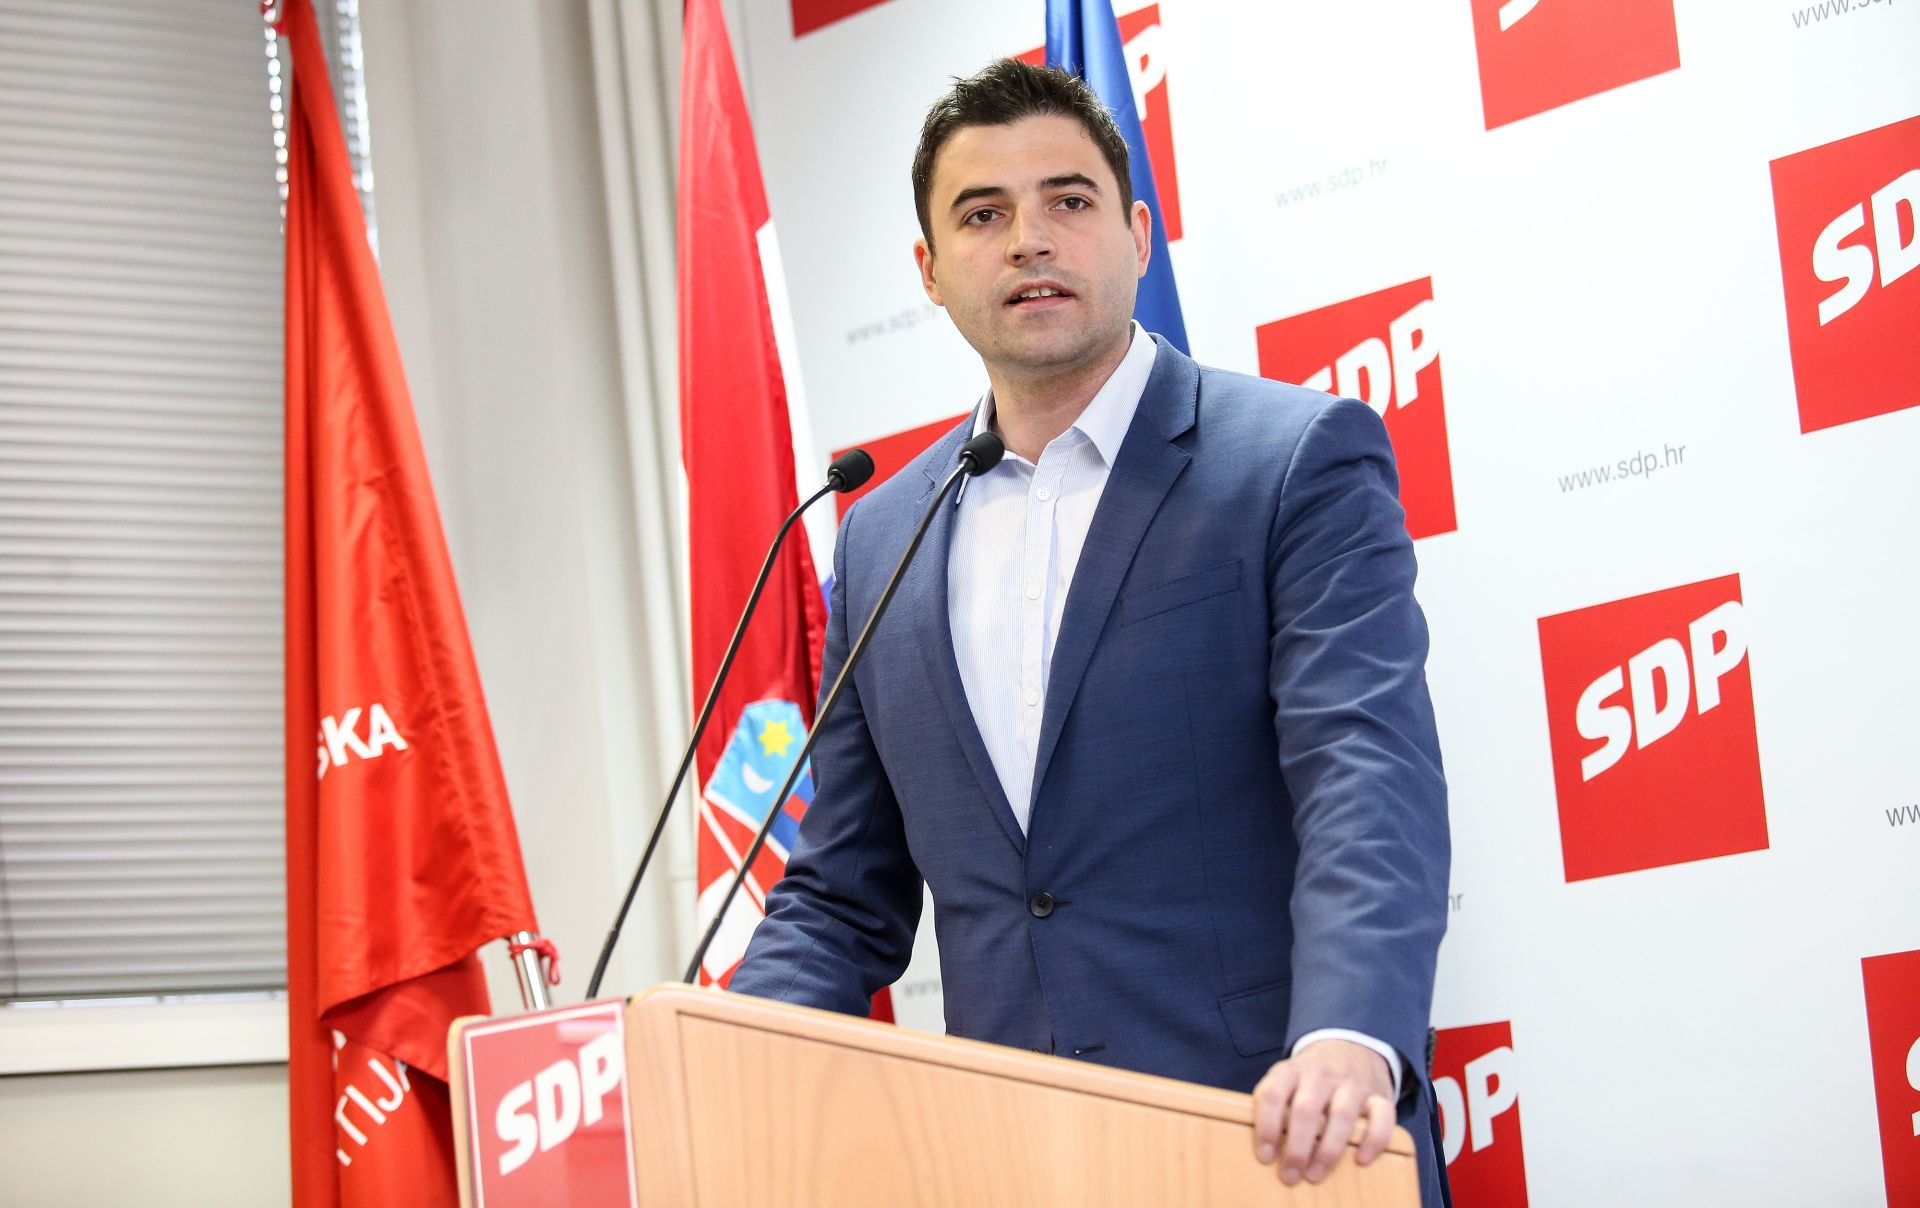 BERNARDIĆ: 'Plenković se brine samo za elitu, dobrobit najugroženijih ga ne zanima'